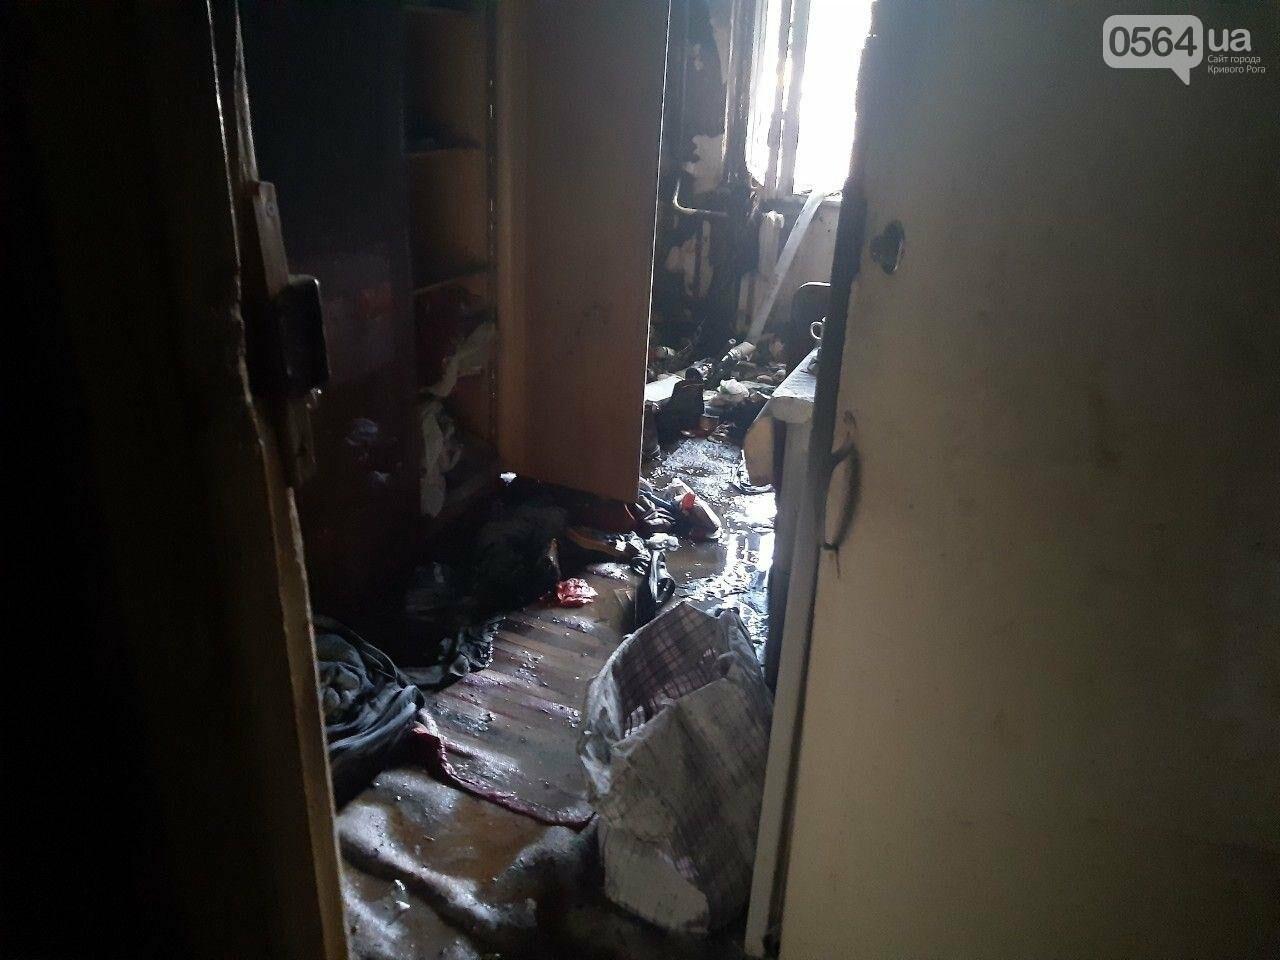 Во время пожара в многоэтажном доме чуть не сгорел 57-летний криворожанин, - ФОТО , фото-2